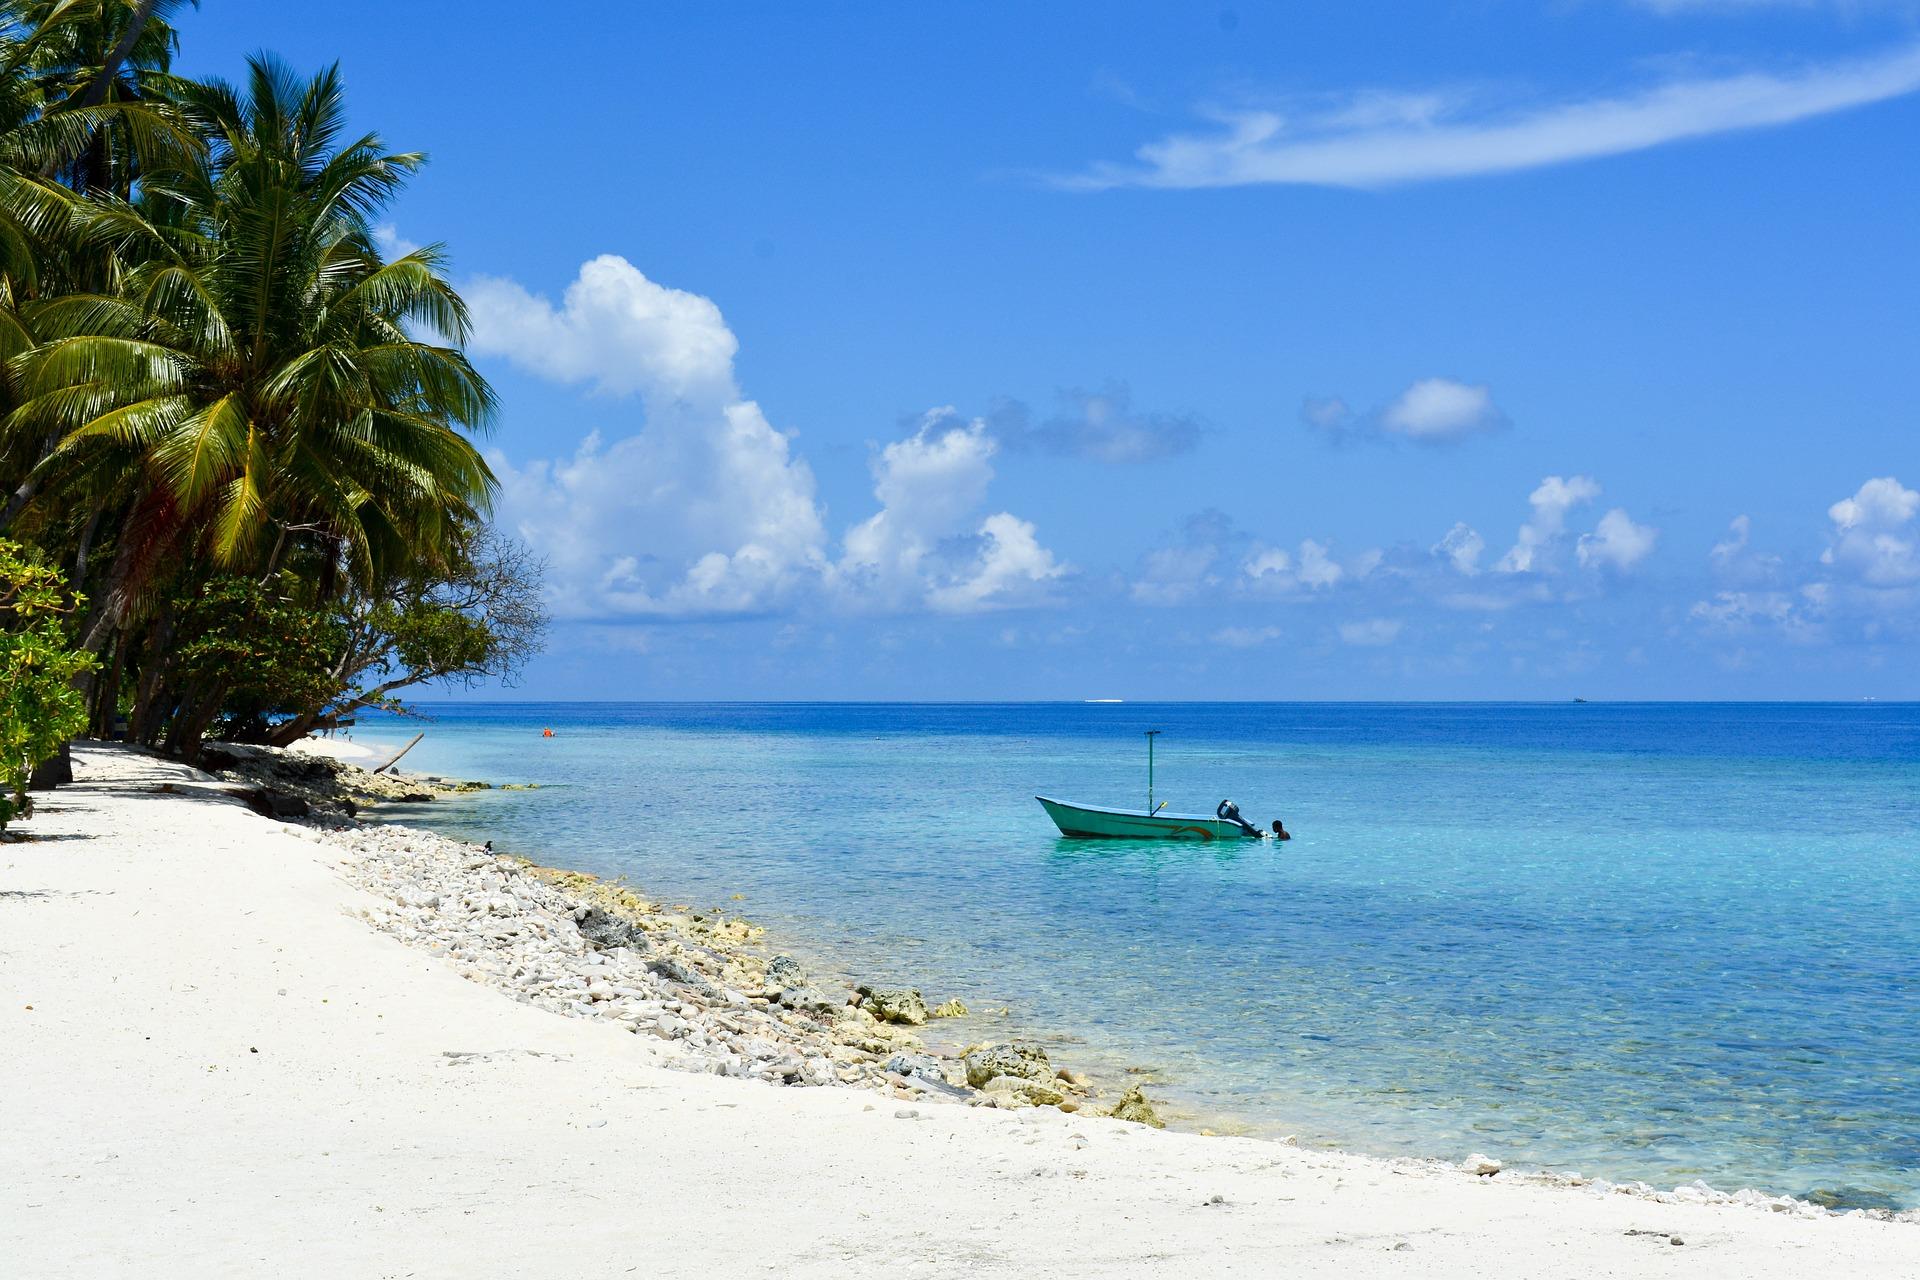 Wakacje na Malediwach. Odkryj archipelag wszystkich zmysłów